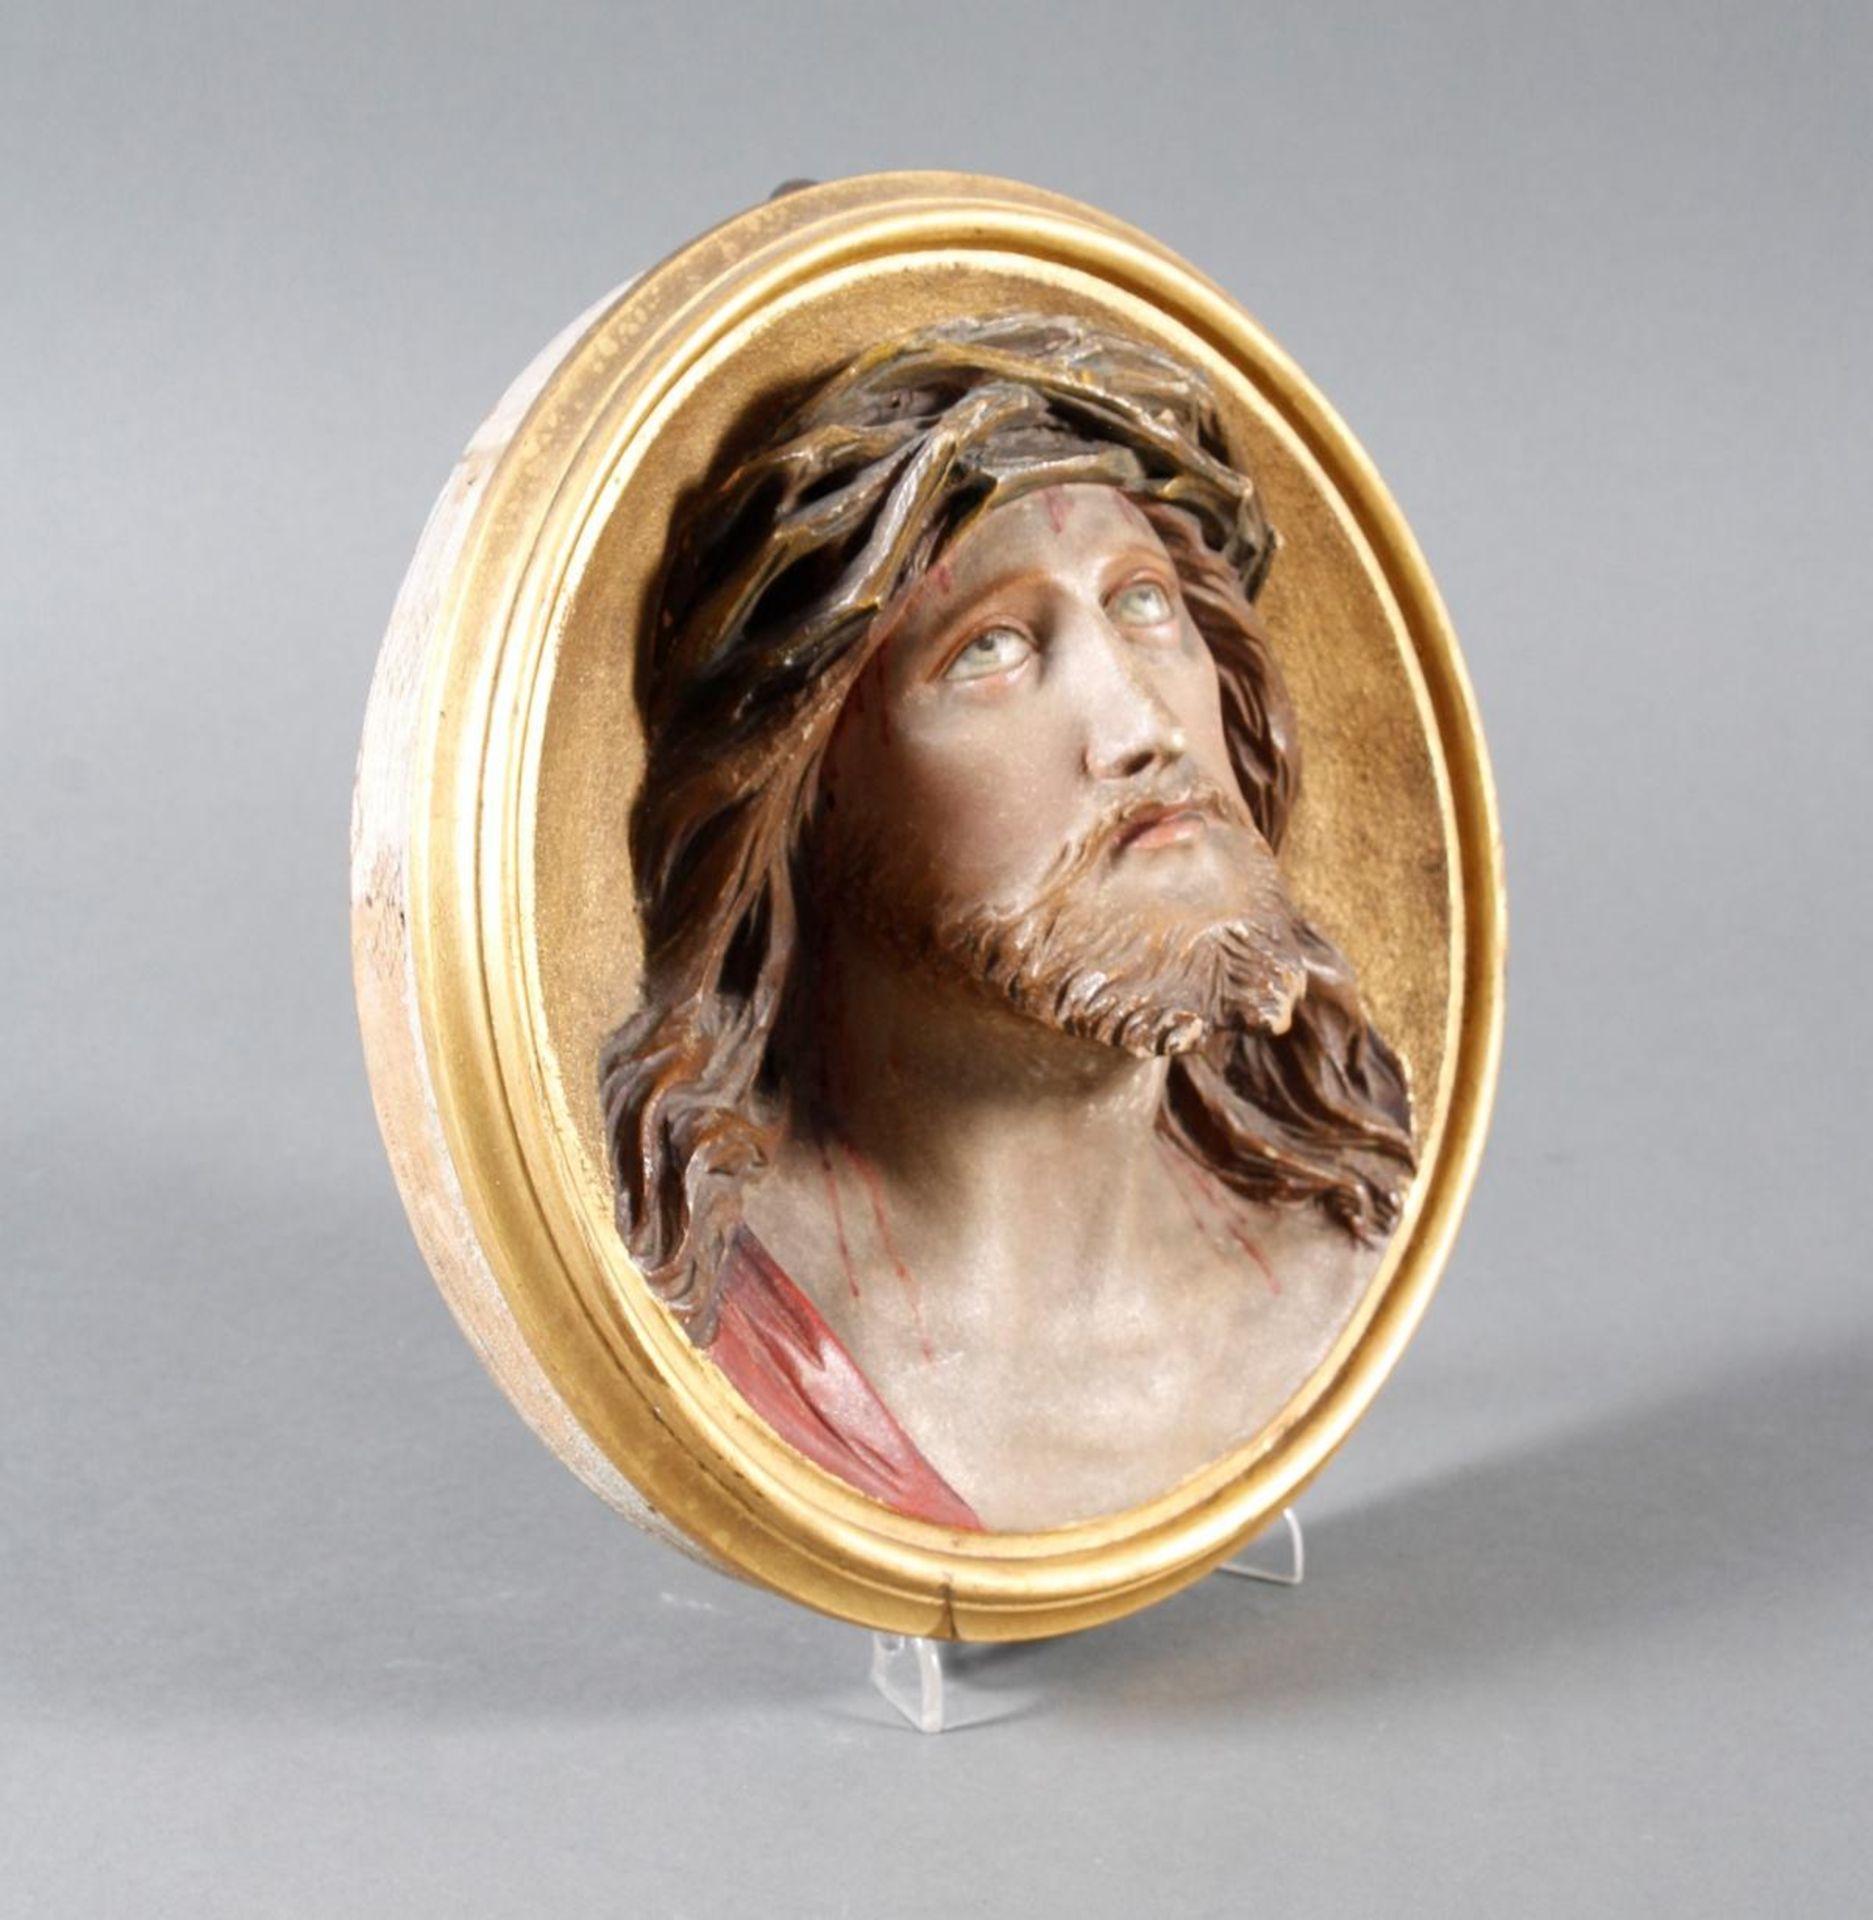 Holz Wandrelief, Christus, Süddeutsch um 1880 - Bild 3 aus 6